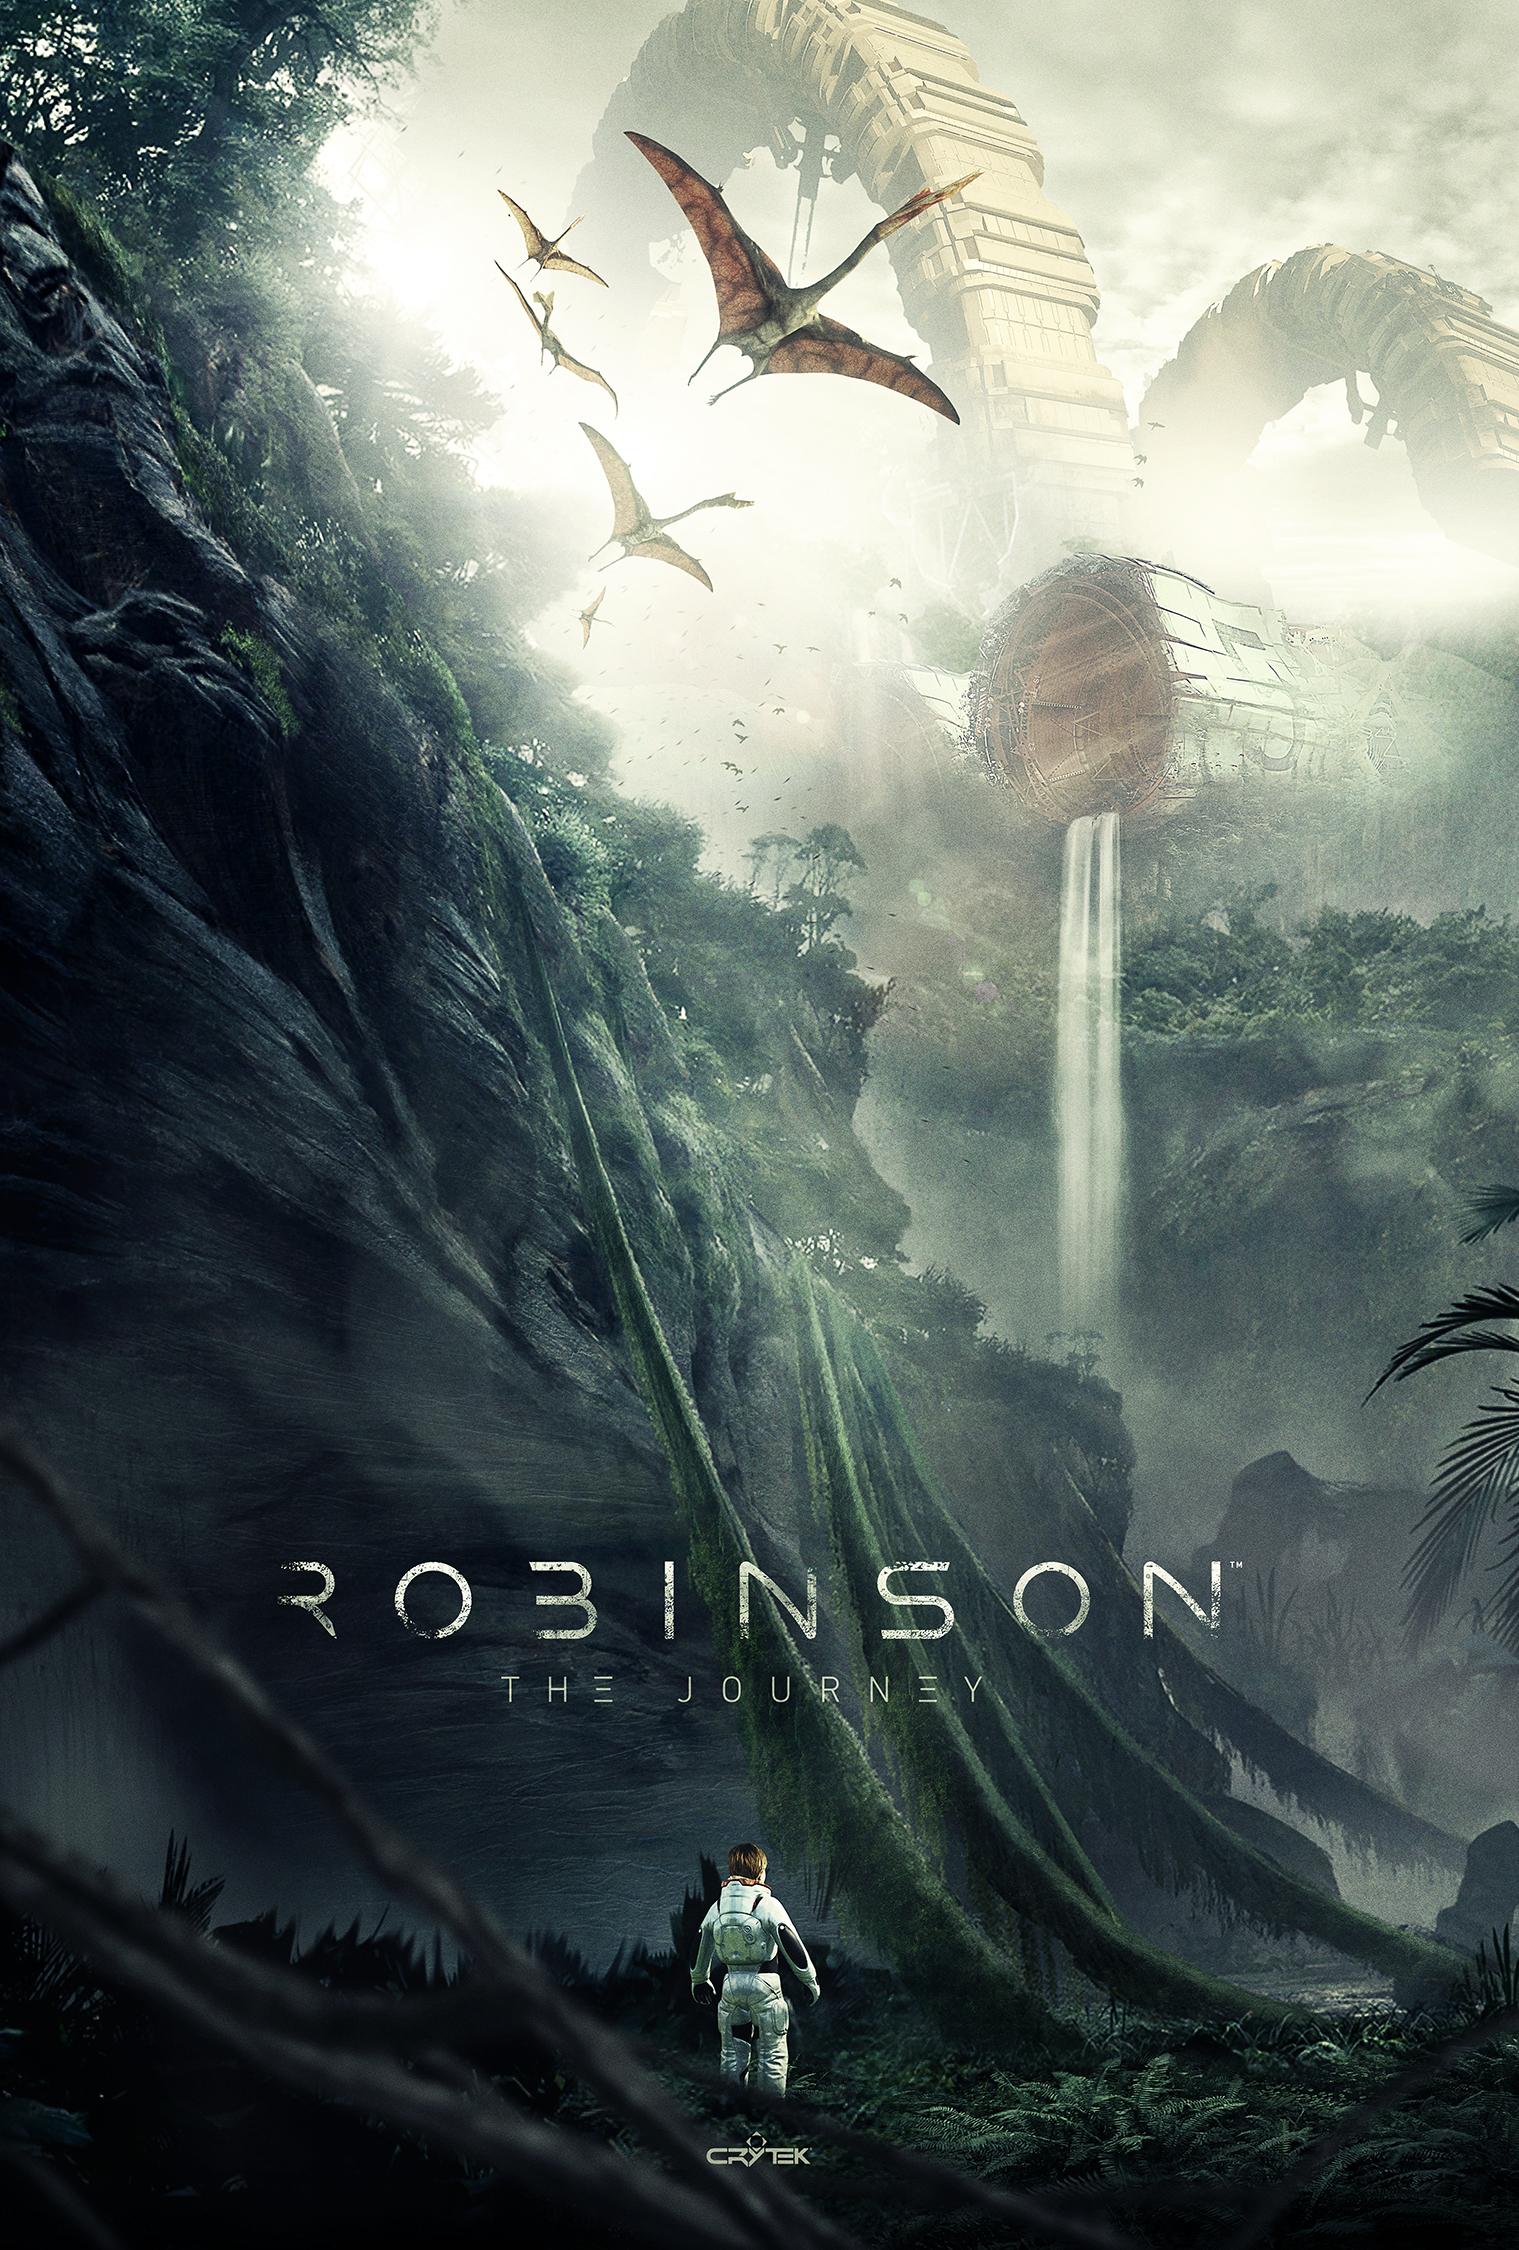 Crytek ile Heyecan Verici Bir Gerçekliğe Adım Atın! Robinson: The Journey